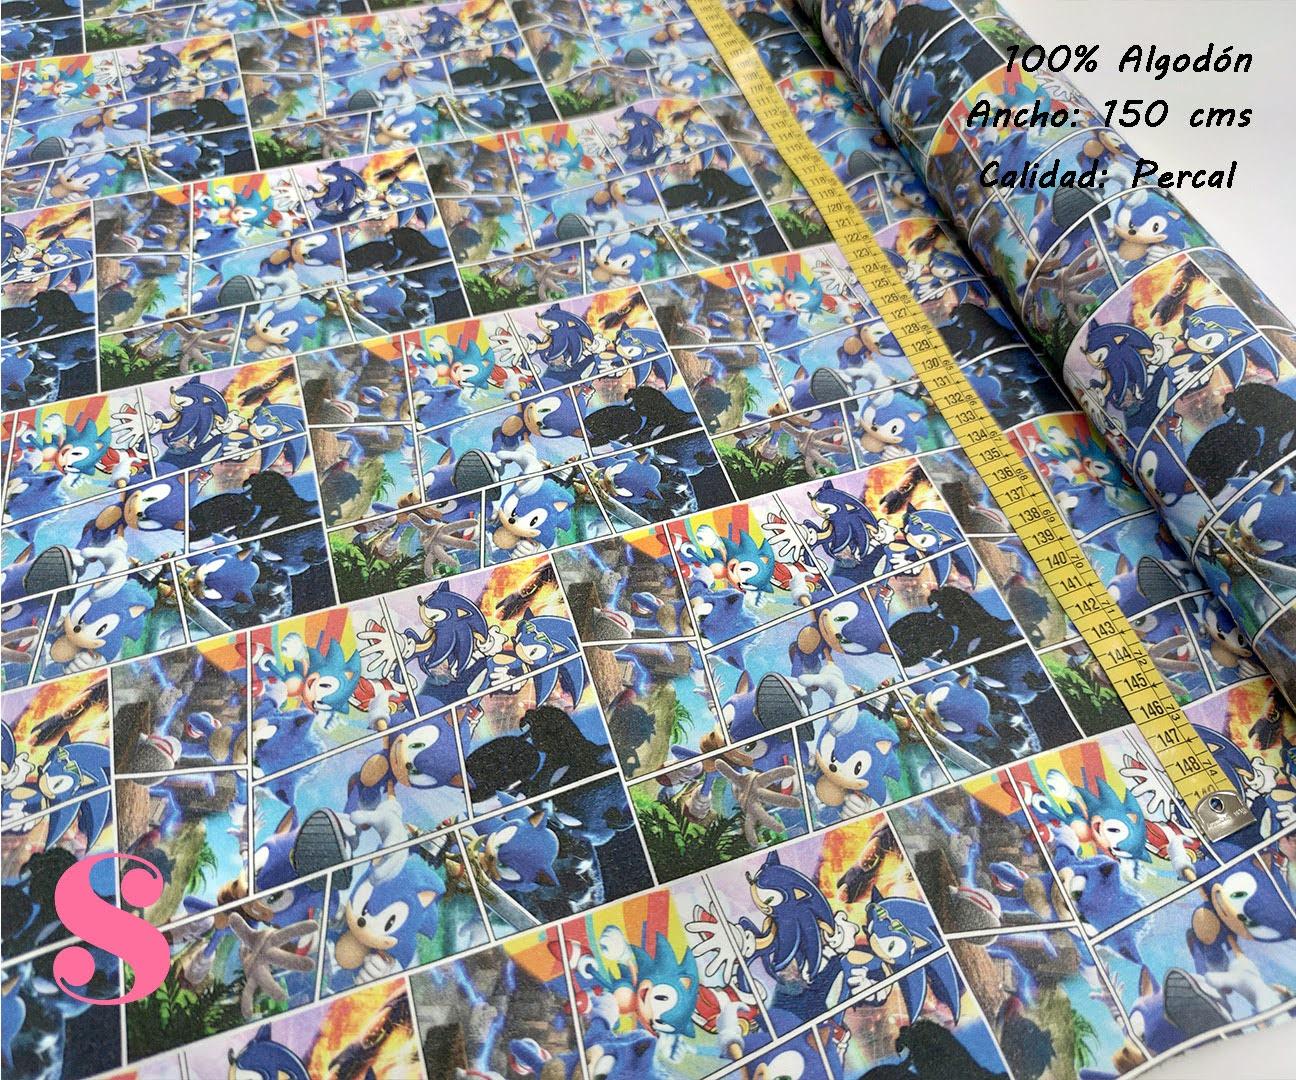 648-sonic-tejidos-algodón-estampado-percal,telas frikis,estampados frikis,Tejido Estampado Sonic